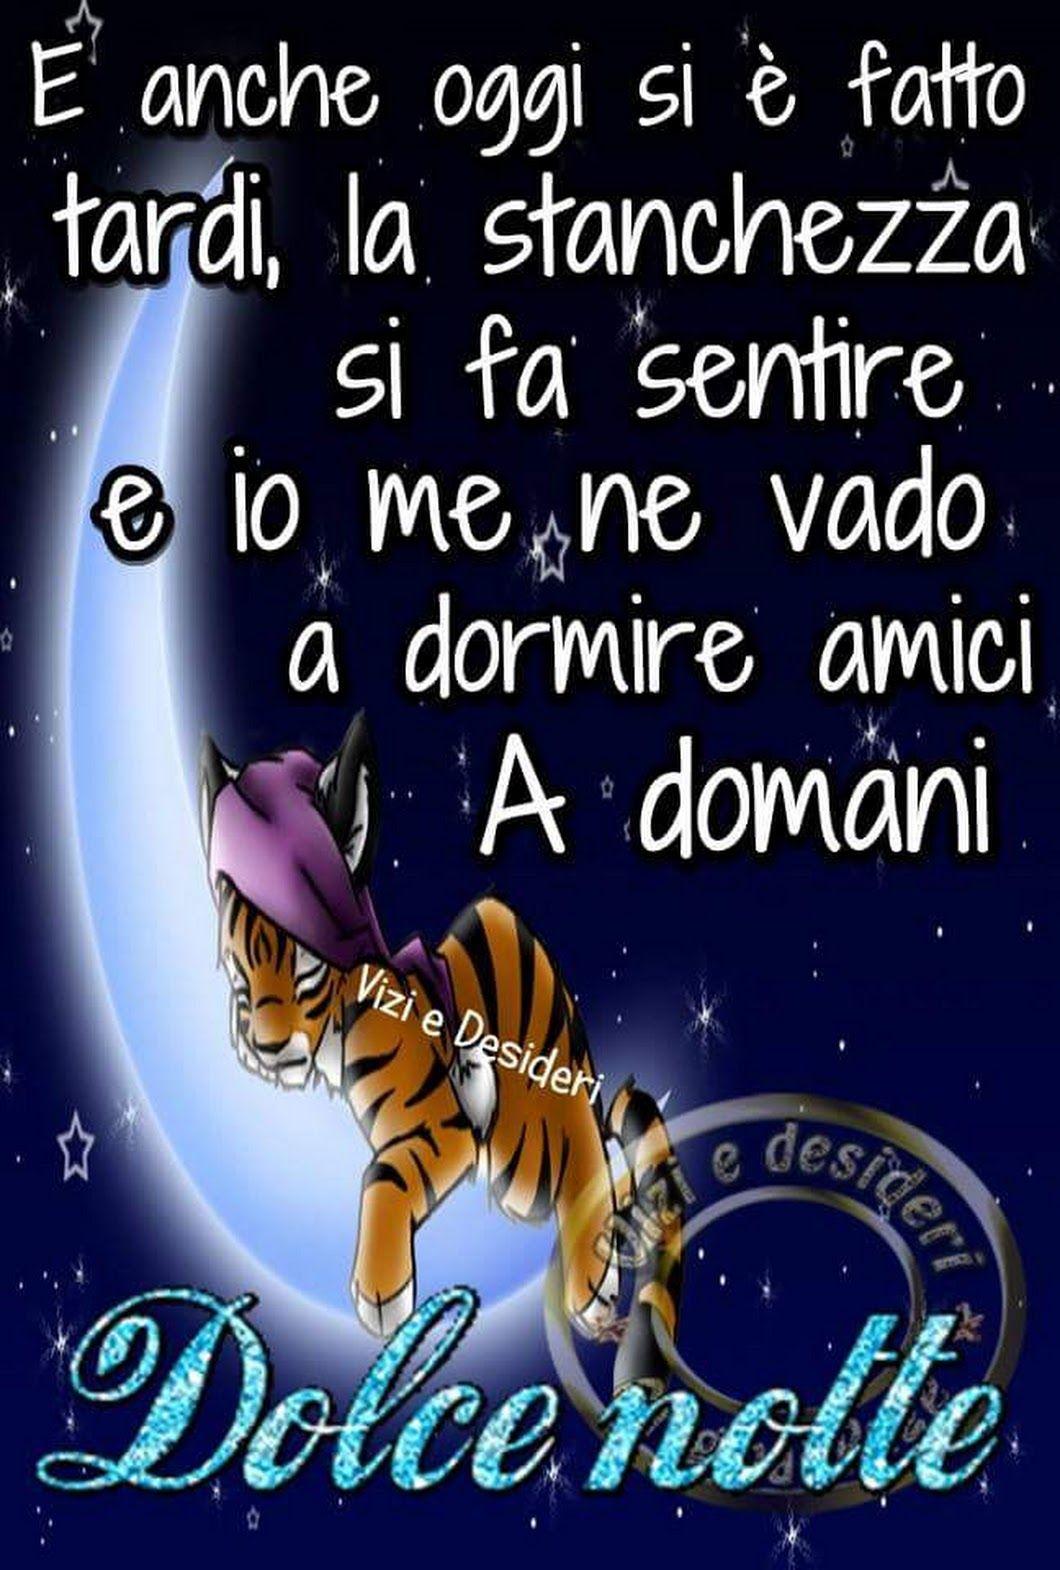 Buona Notte Amici E Amiche Pin Movie Posters E Movies